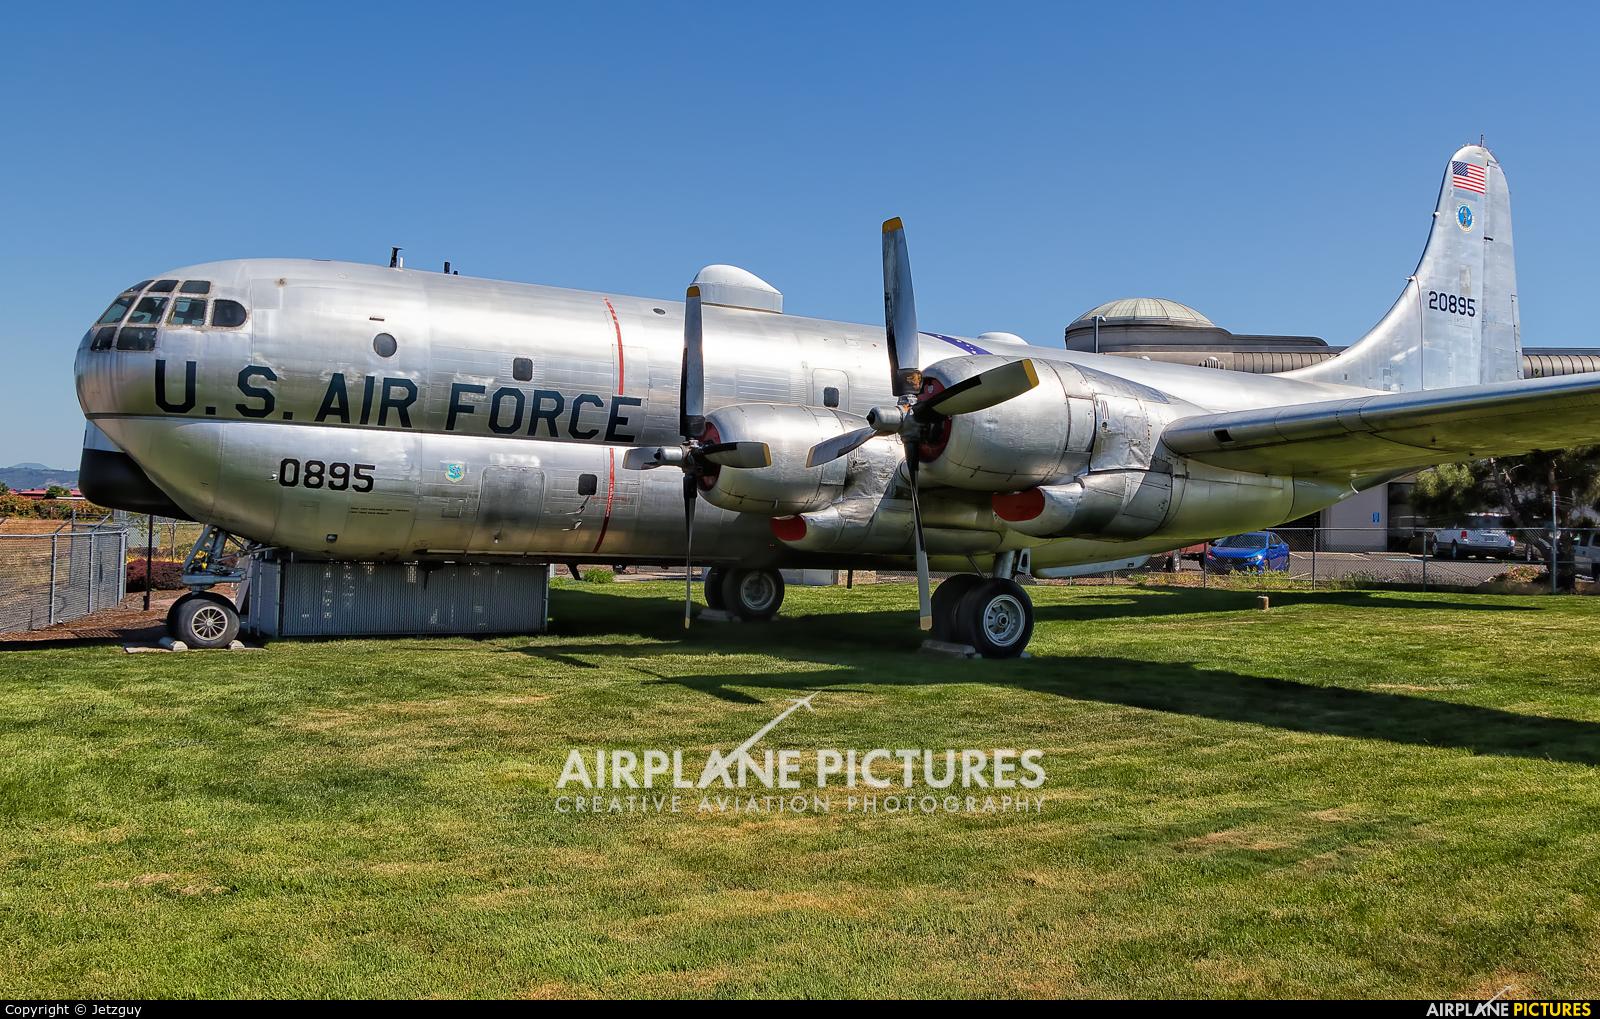 USA - Air Force 52-0895 aircraft at Medford - Rogue Valley Intl